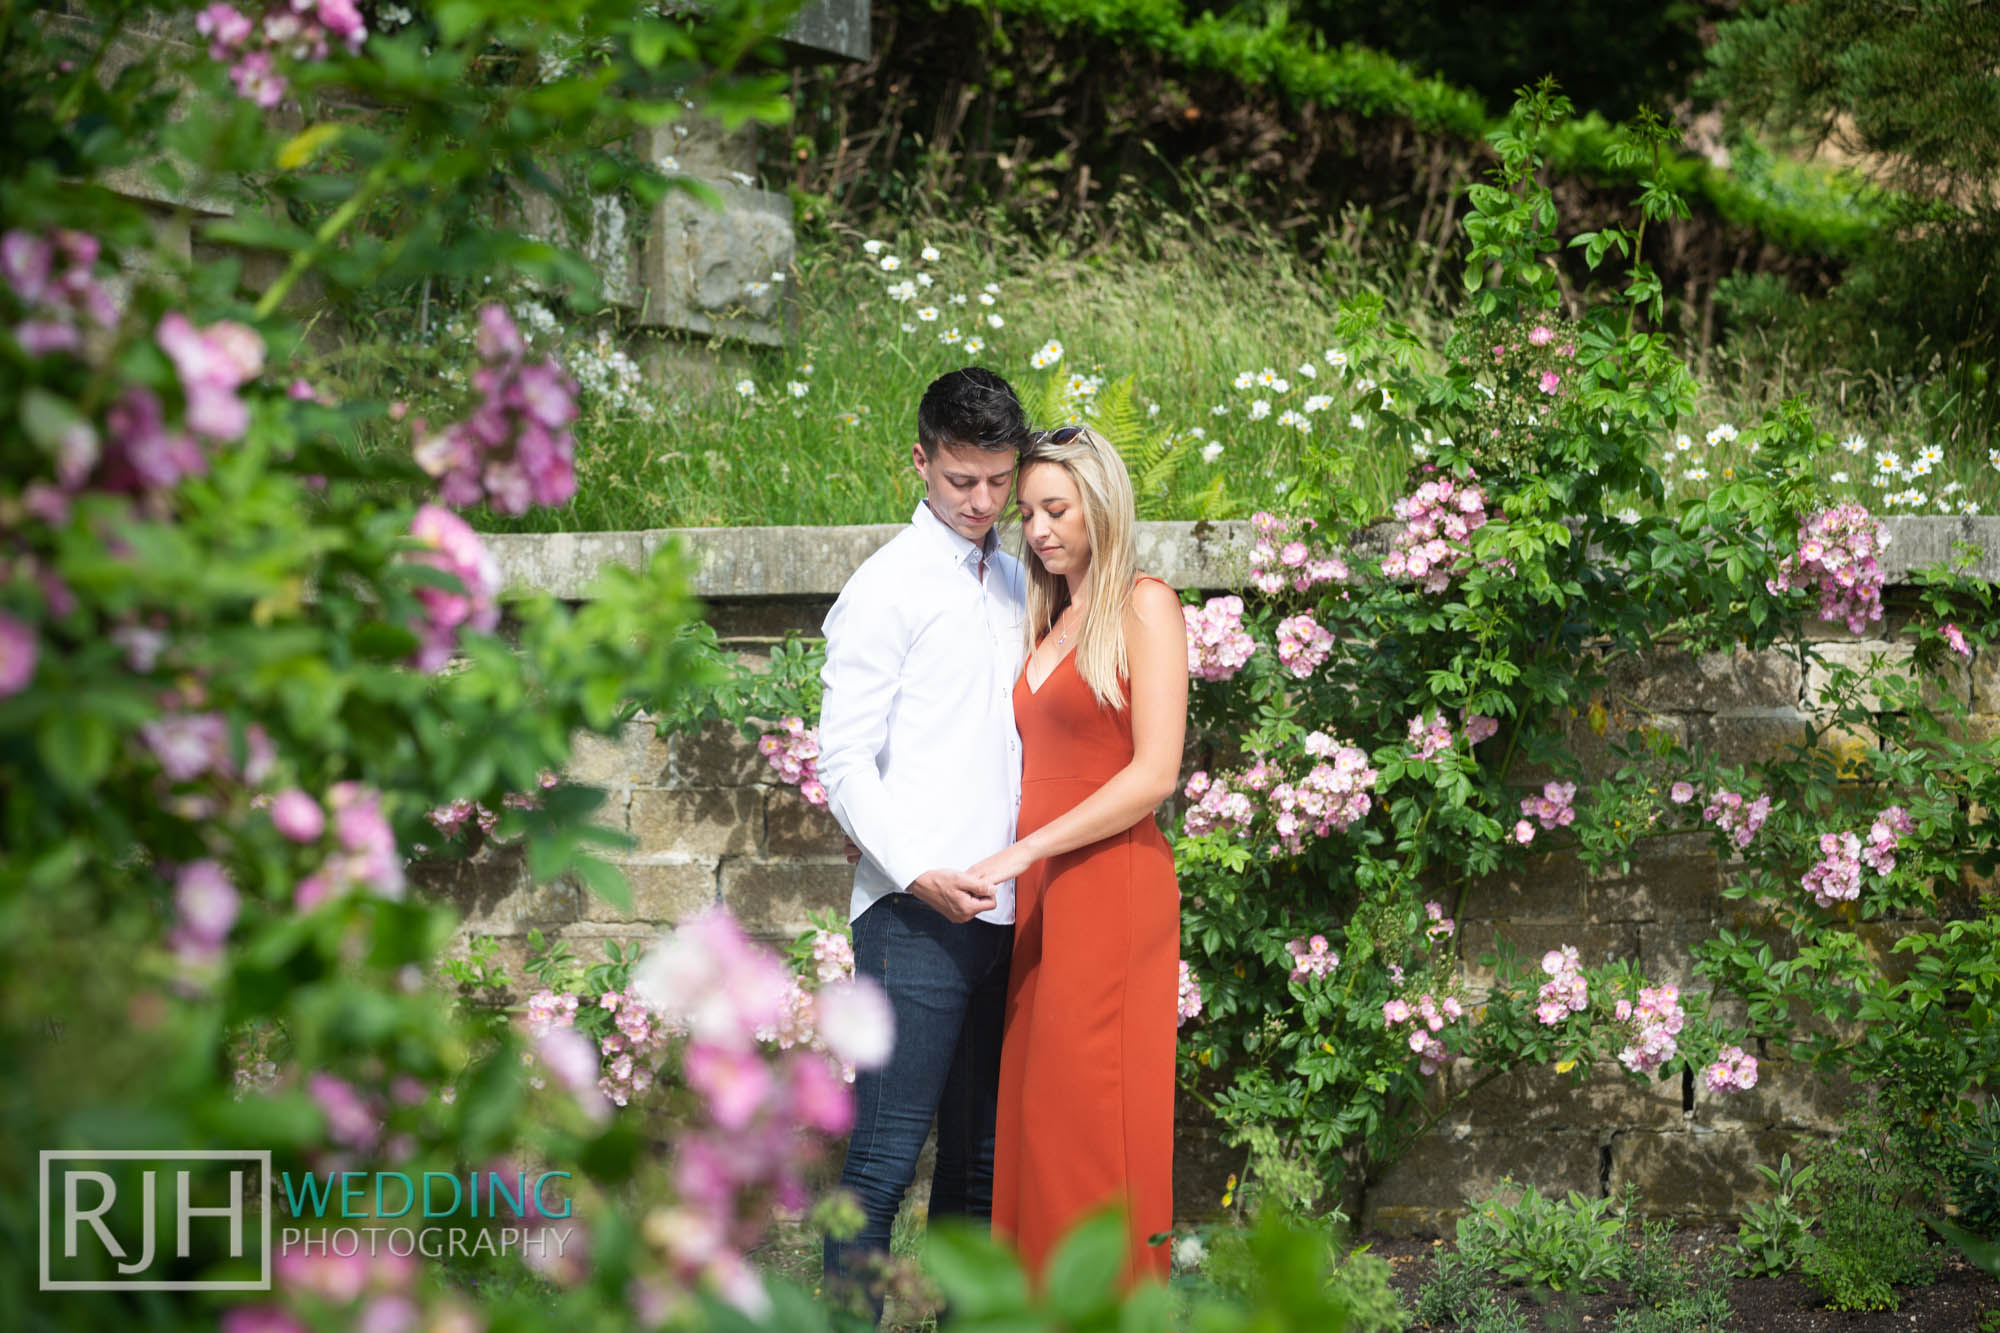 Chatsworth House Wedding Photographer_Glen & Lauren_008_RJH10088.jpg